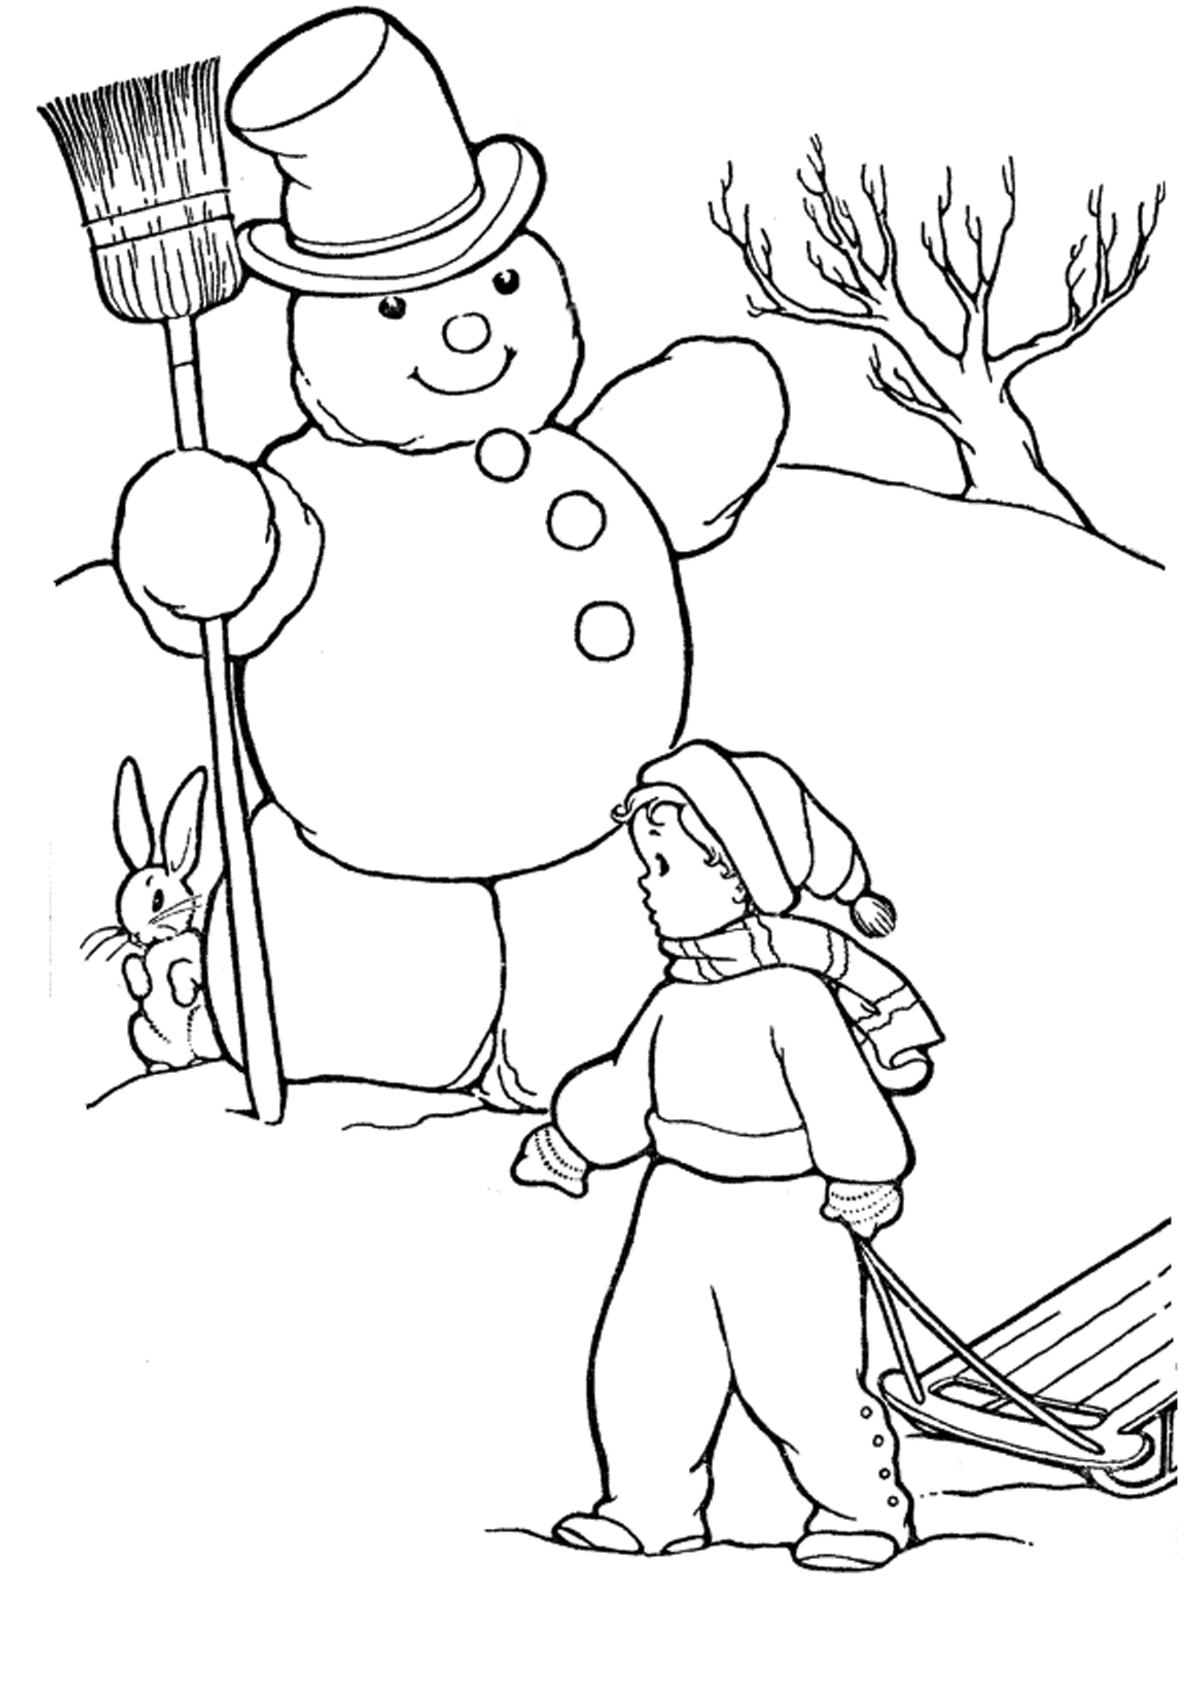 картинка снеговика для детей раскраска